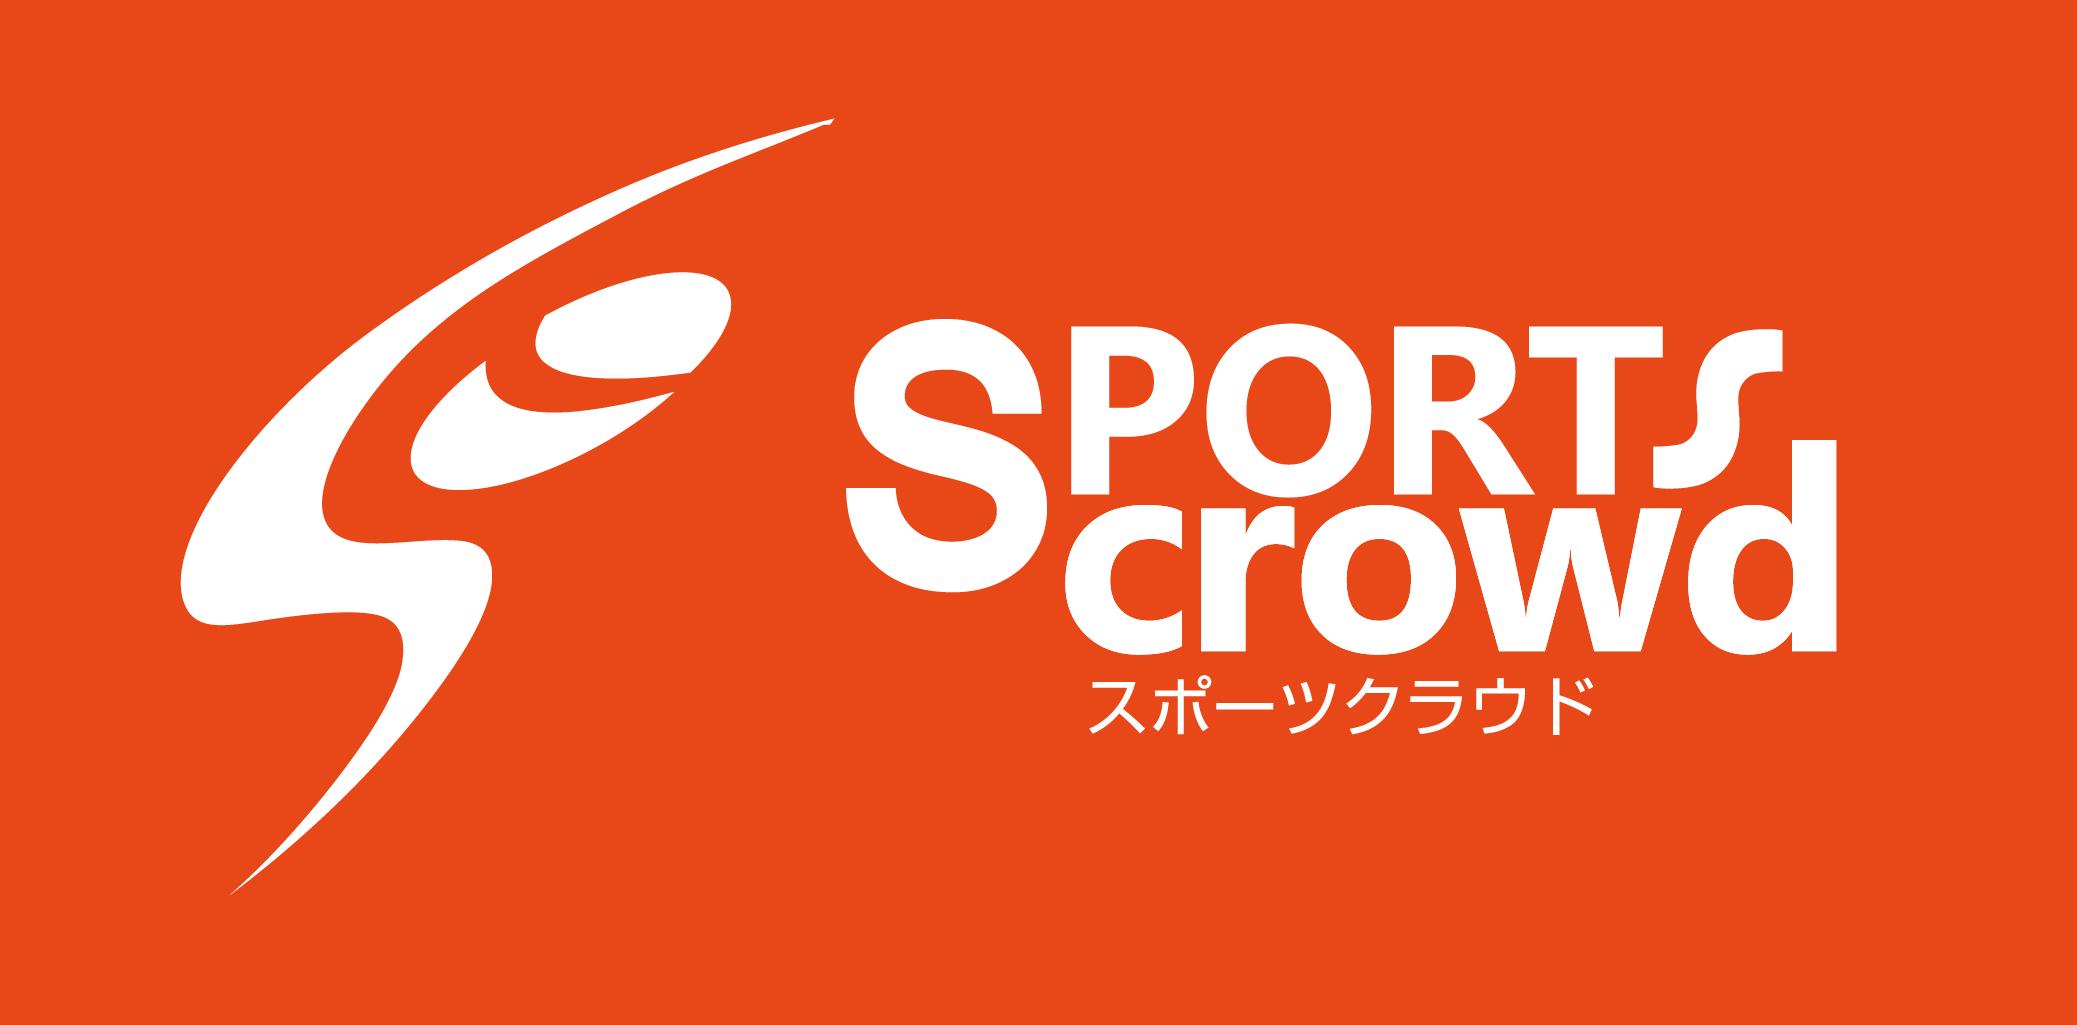 株式会社スポーツクラウド